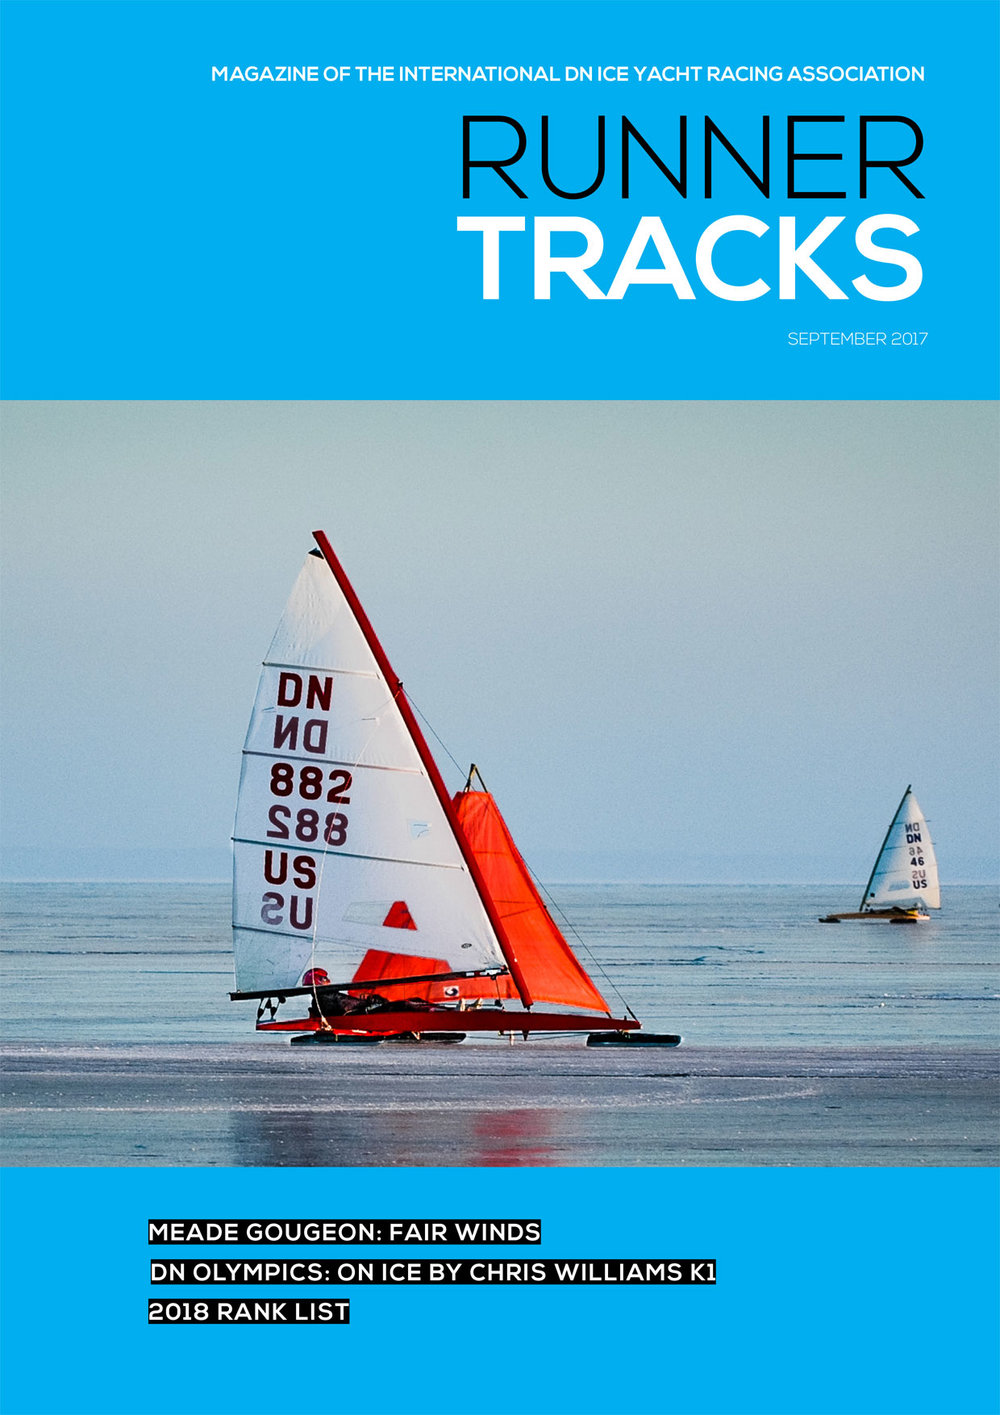 Runner-Tracks-September-2017-cover.jpg